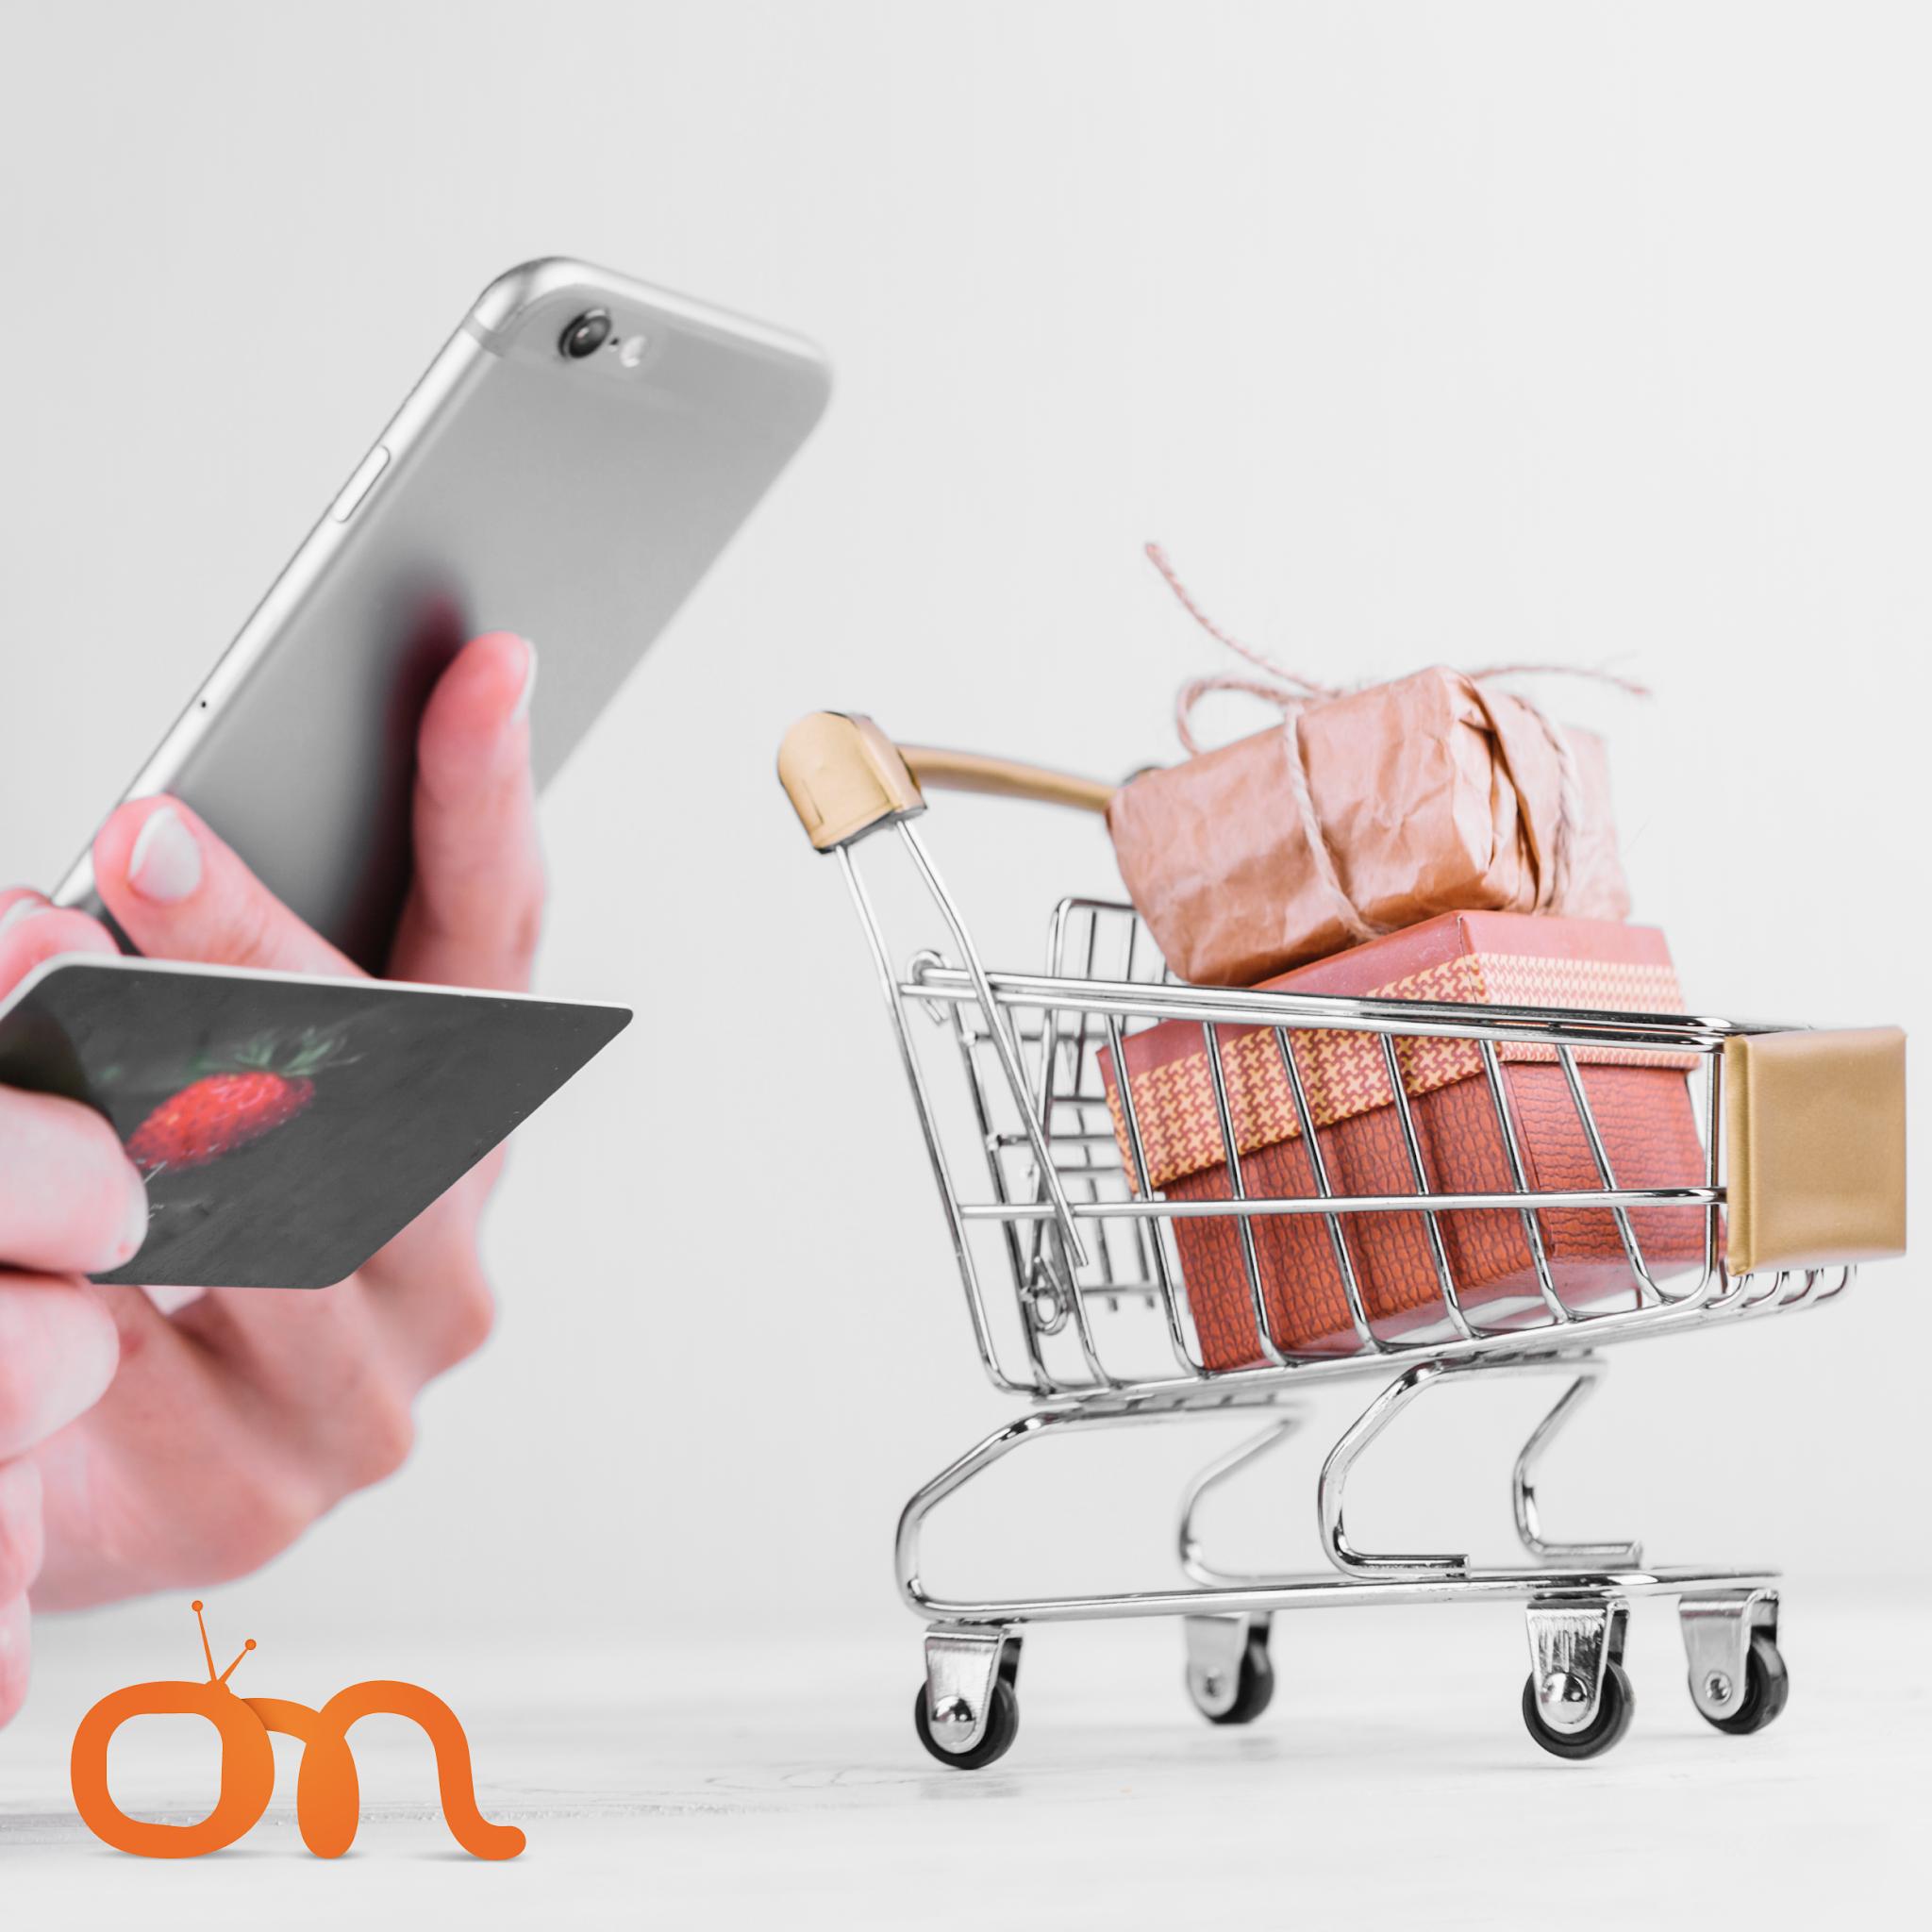 Compras en línea: la nueva normalidad